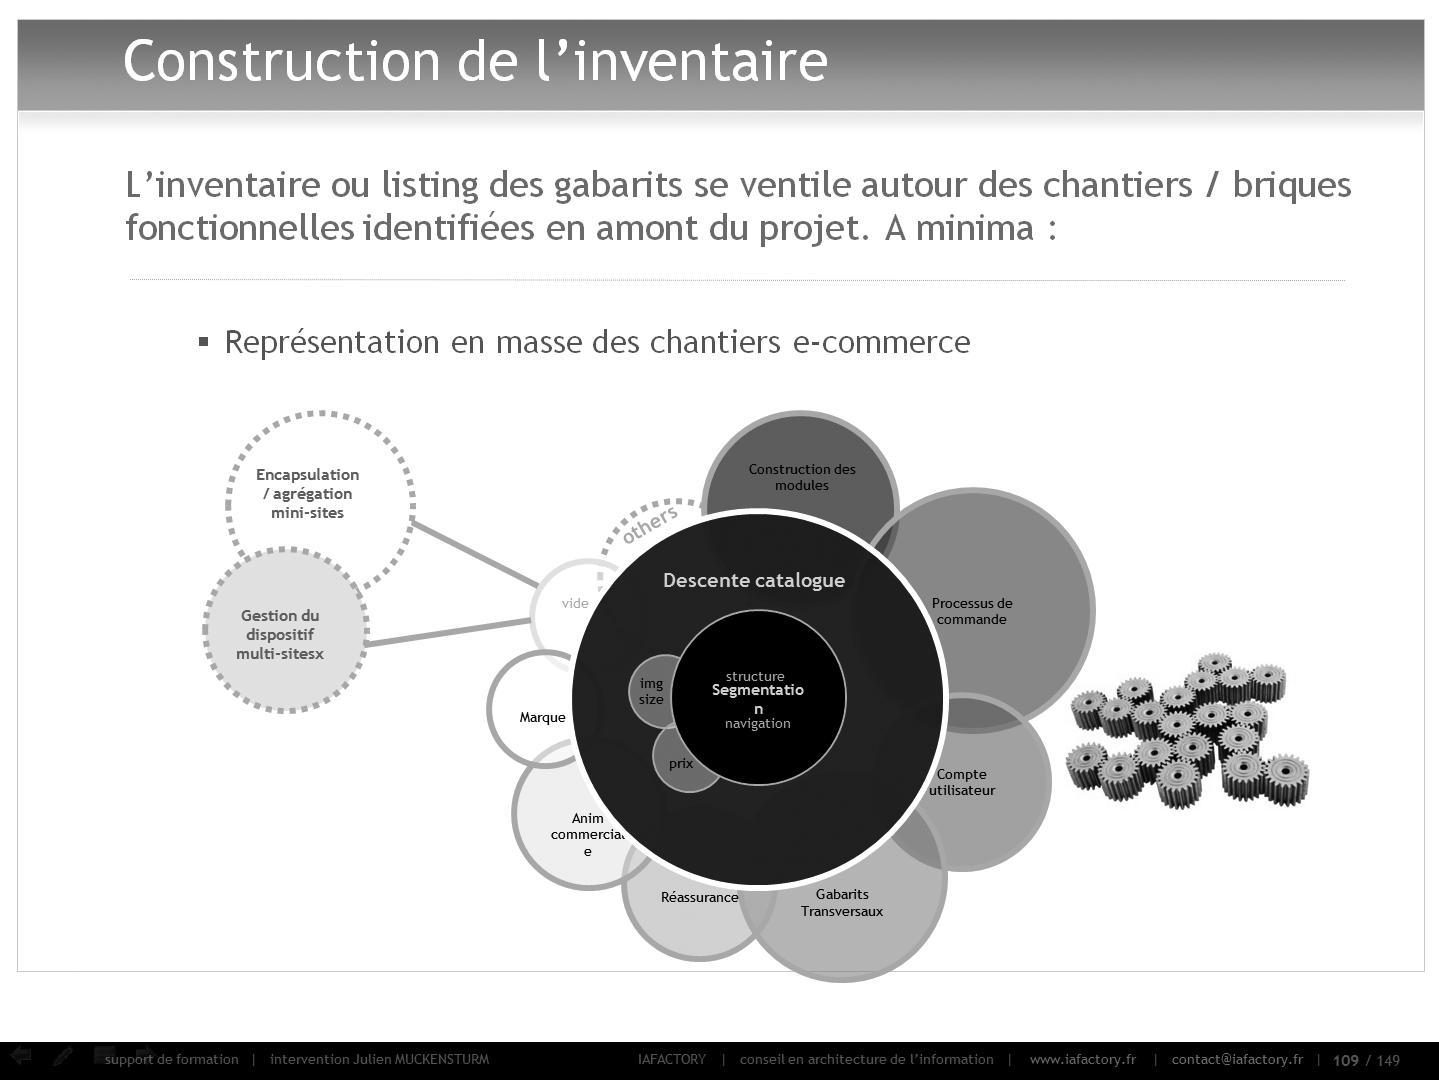 conception e-commerce (construction de l'inventaire)